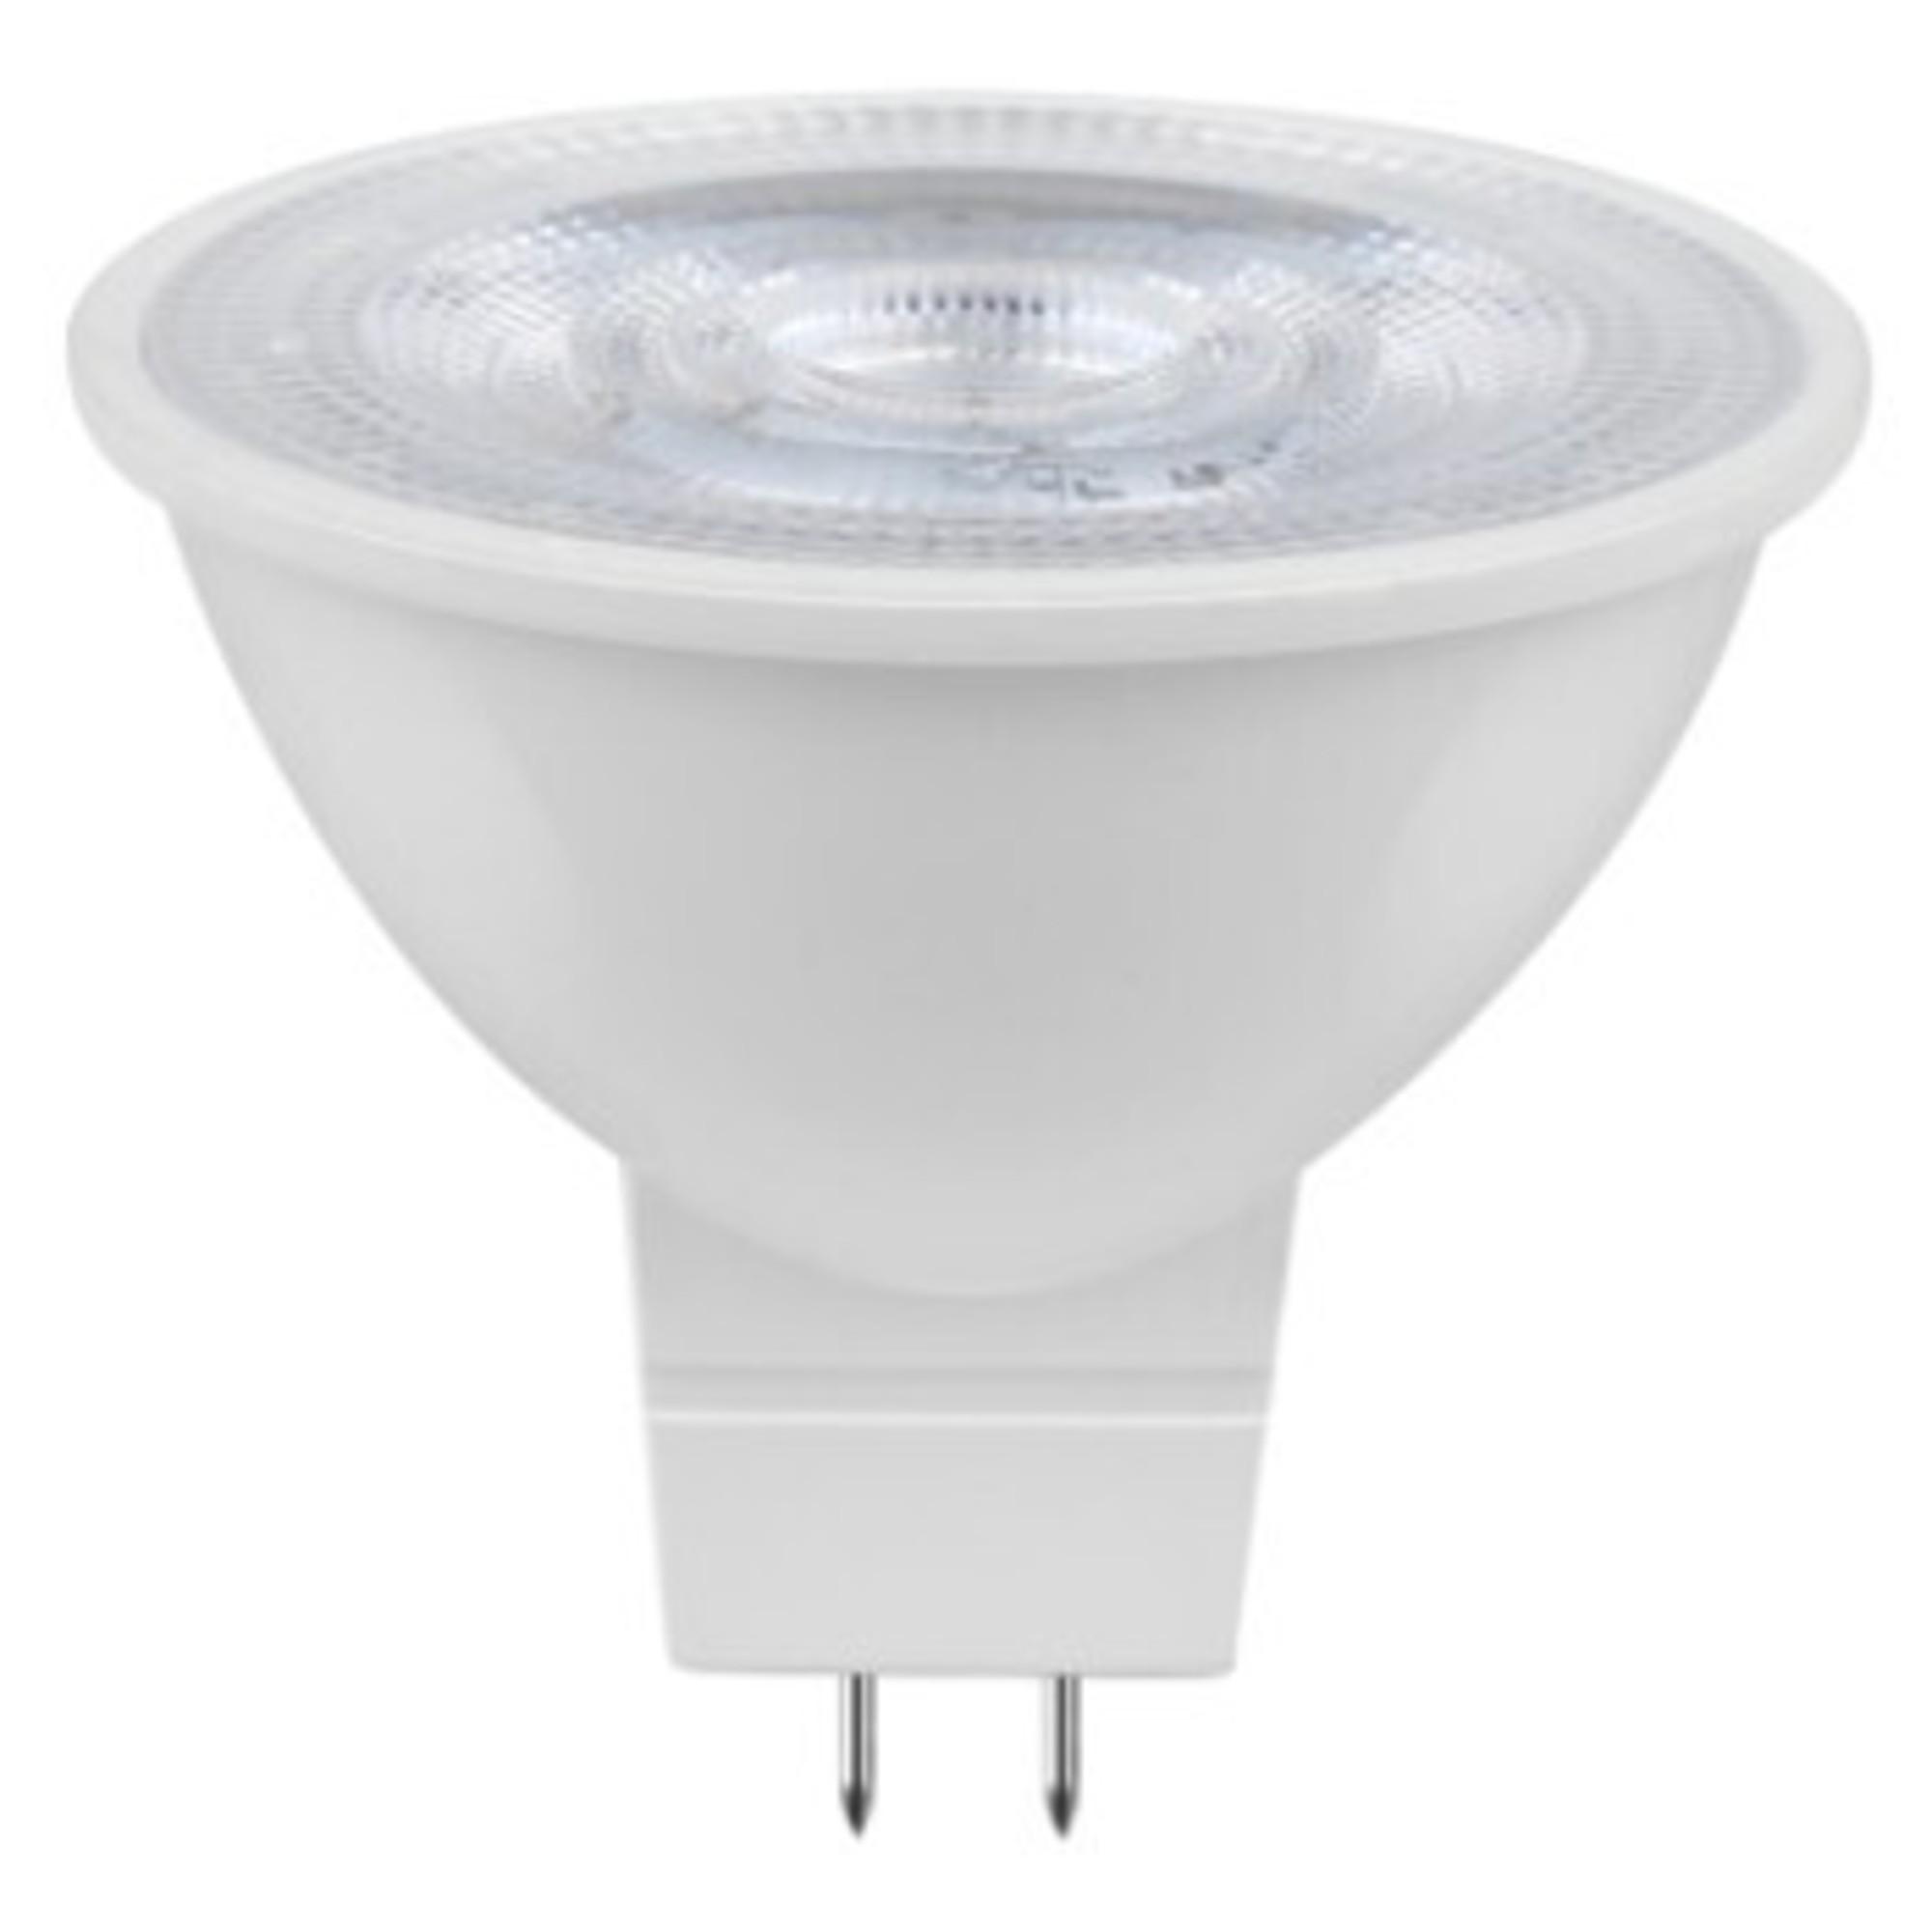 Лампа светодиодная Osram спот GU5.3 4.2 Вт 360 Лм свет тёплый белый